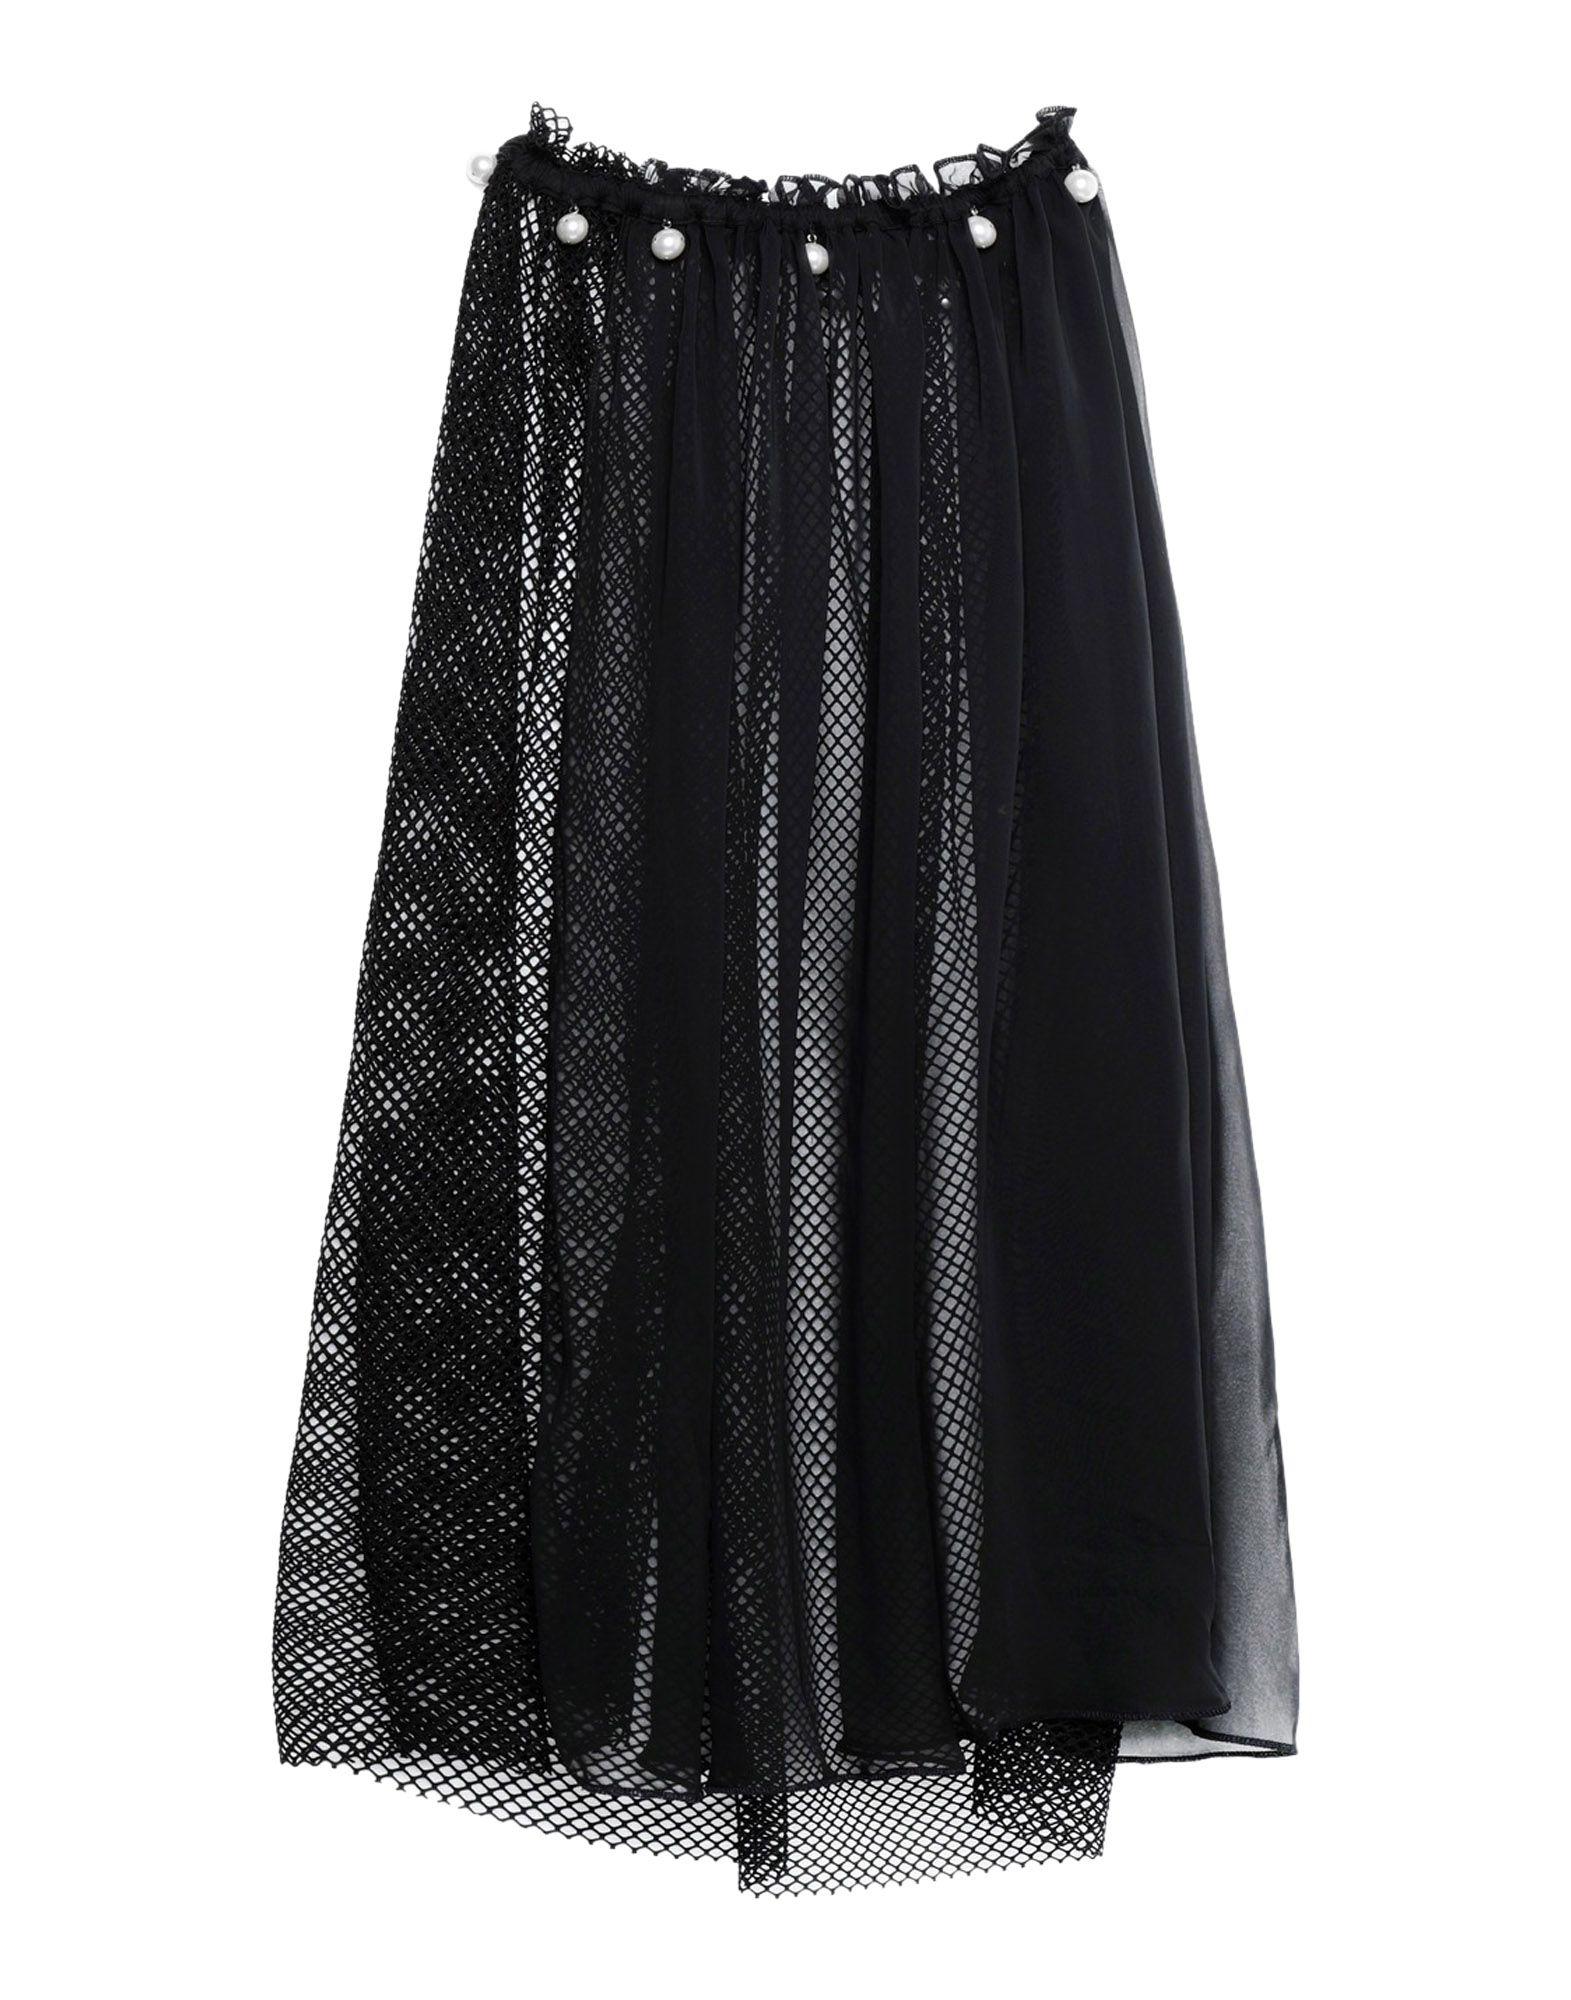 Фото - GAëLLE Paris Юбка длиной 3/4 eleven paris юбка длиной 3 4